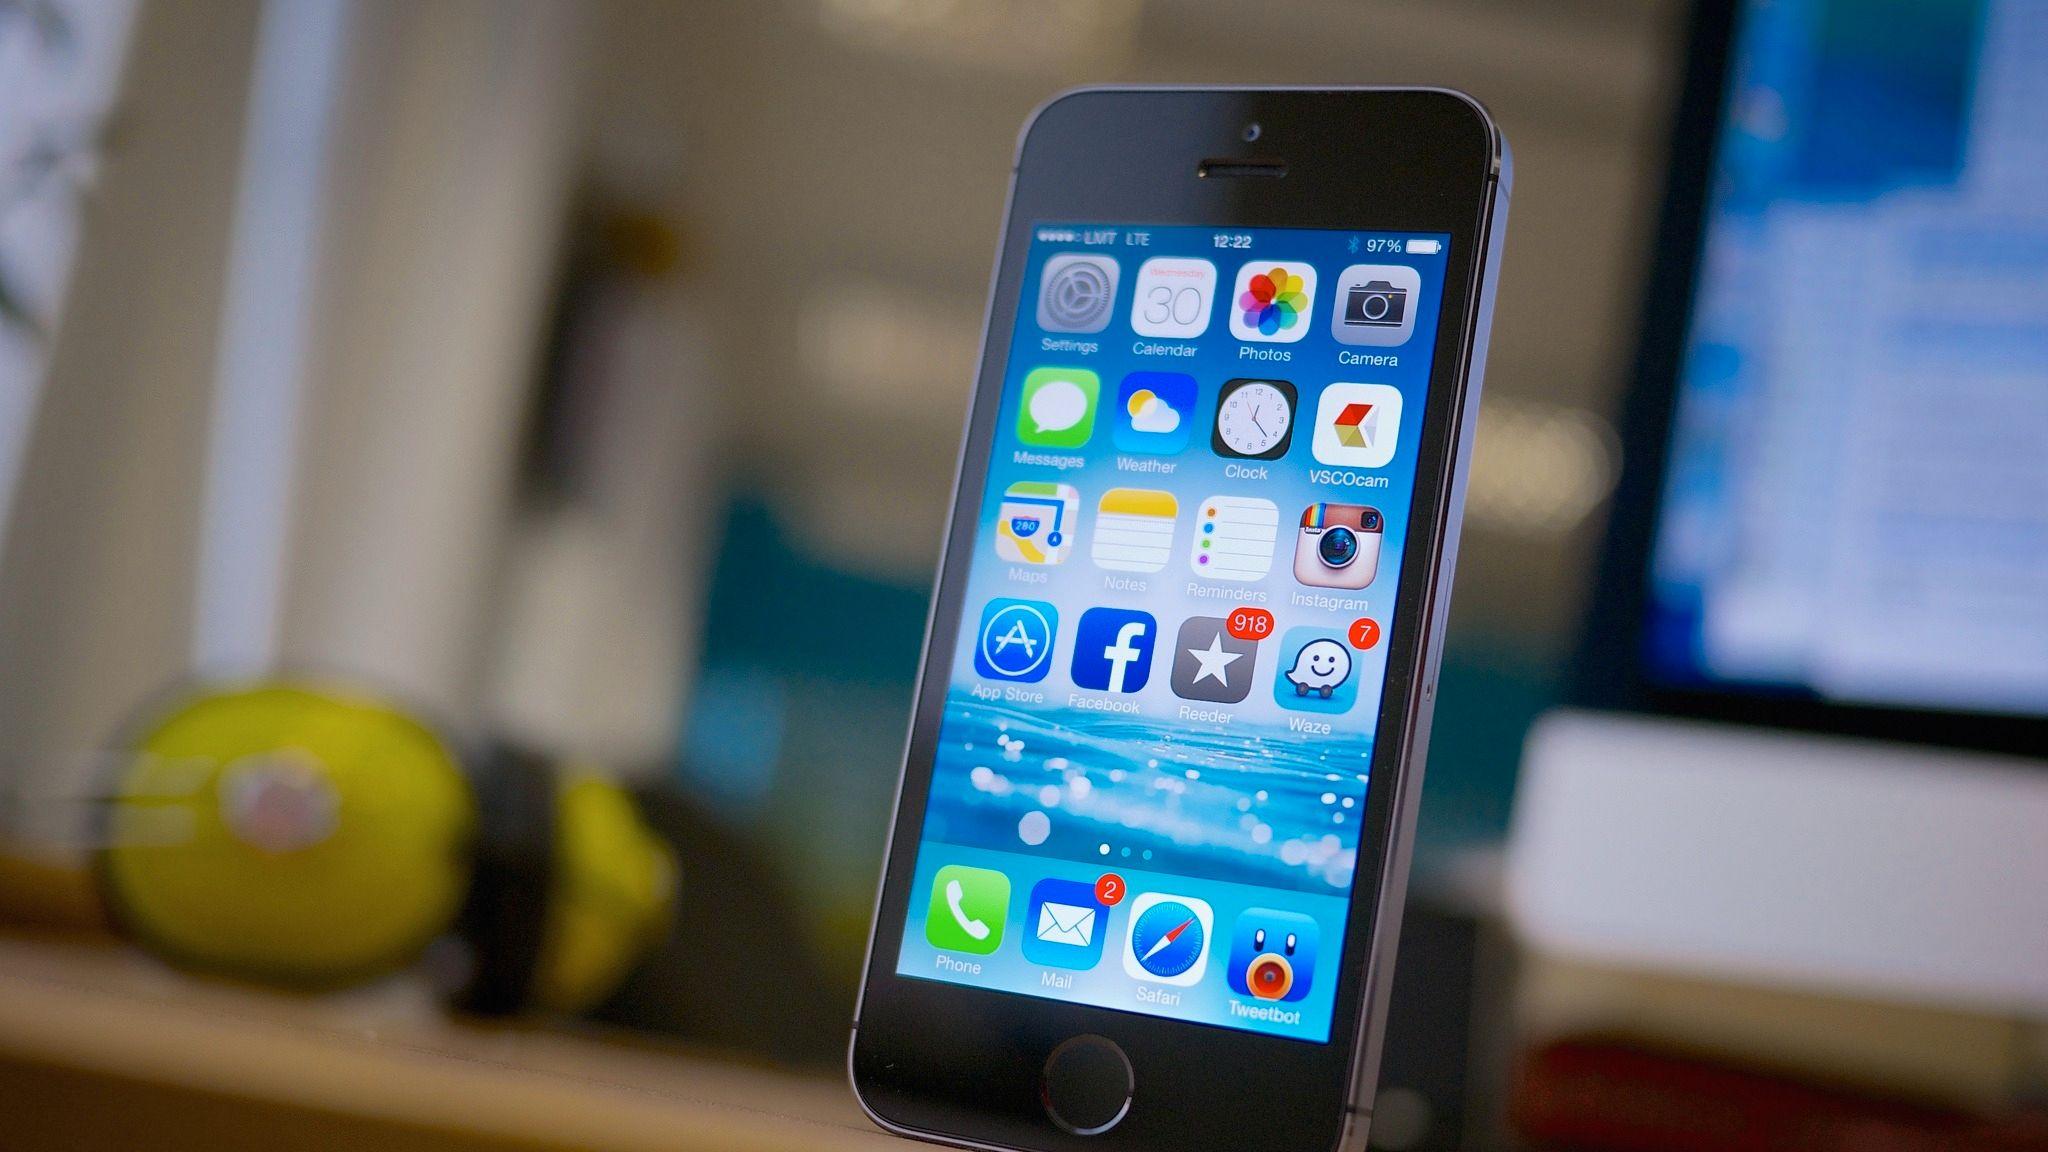 iPhone 5S skal visstnok holde fortet også neste år. Foto: Flickr/Karlis Dambrans